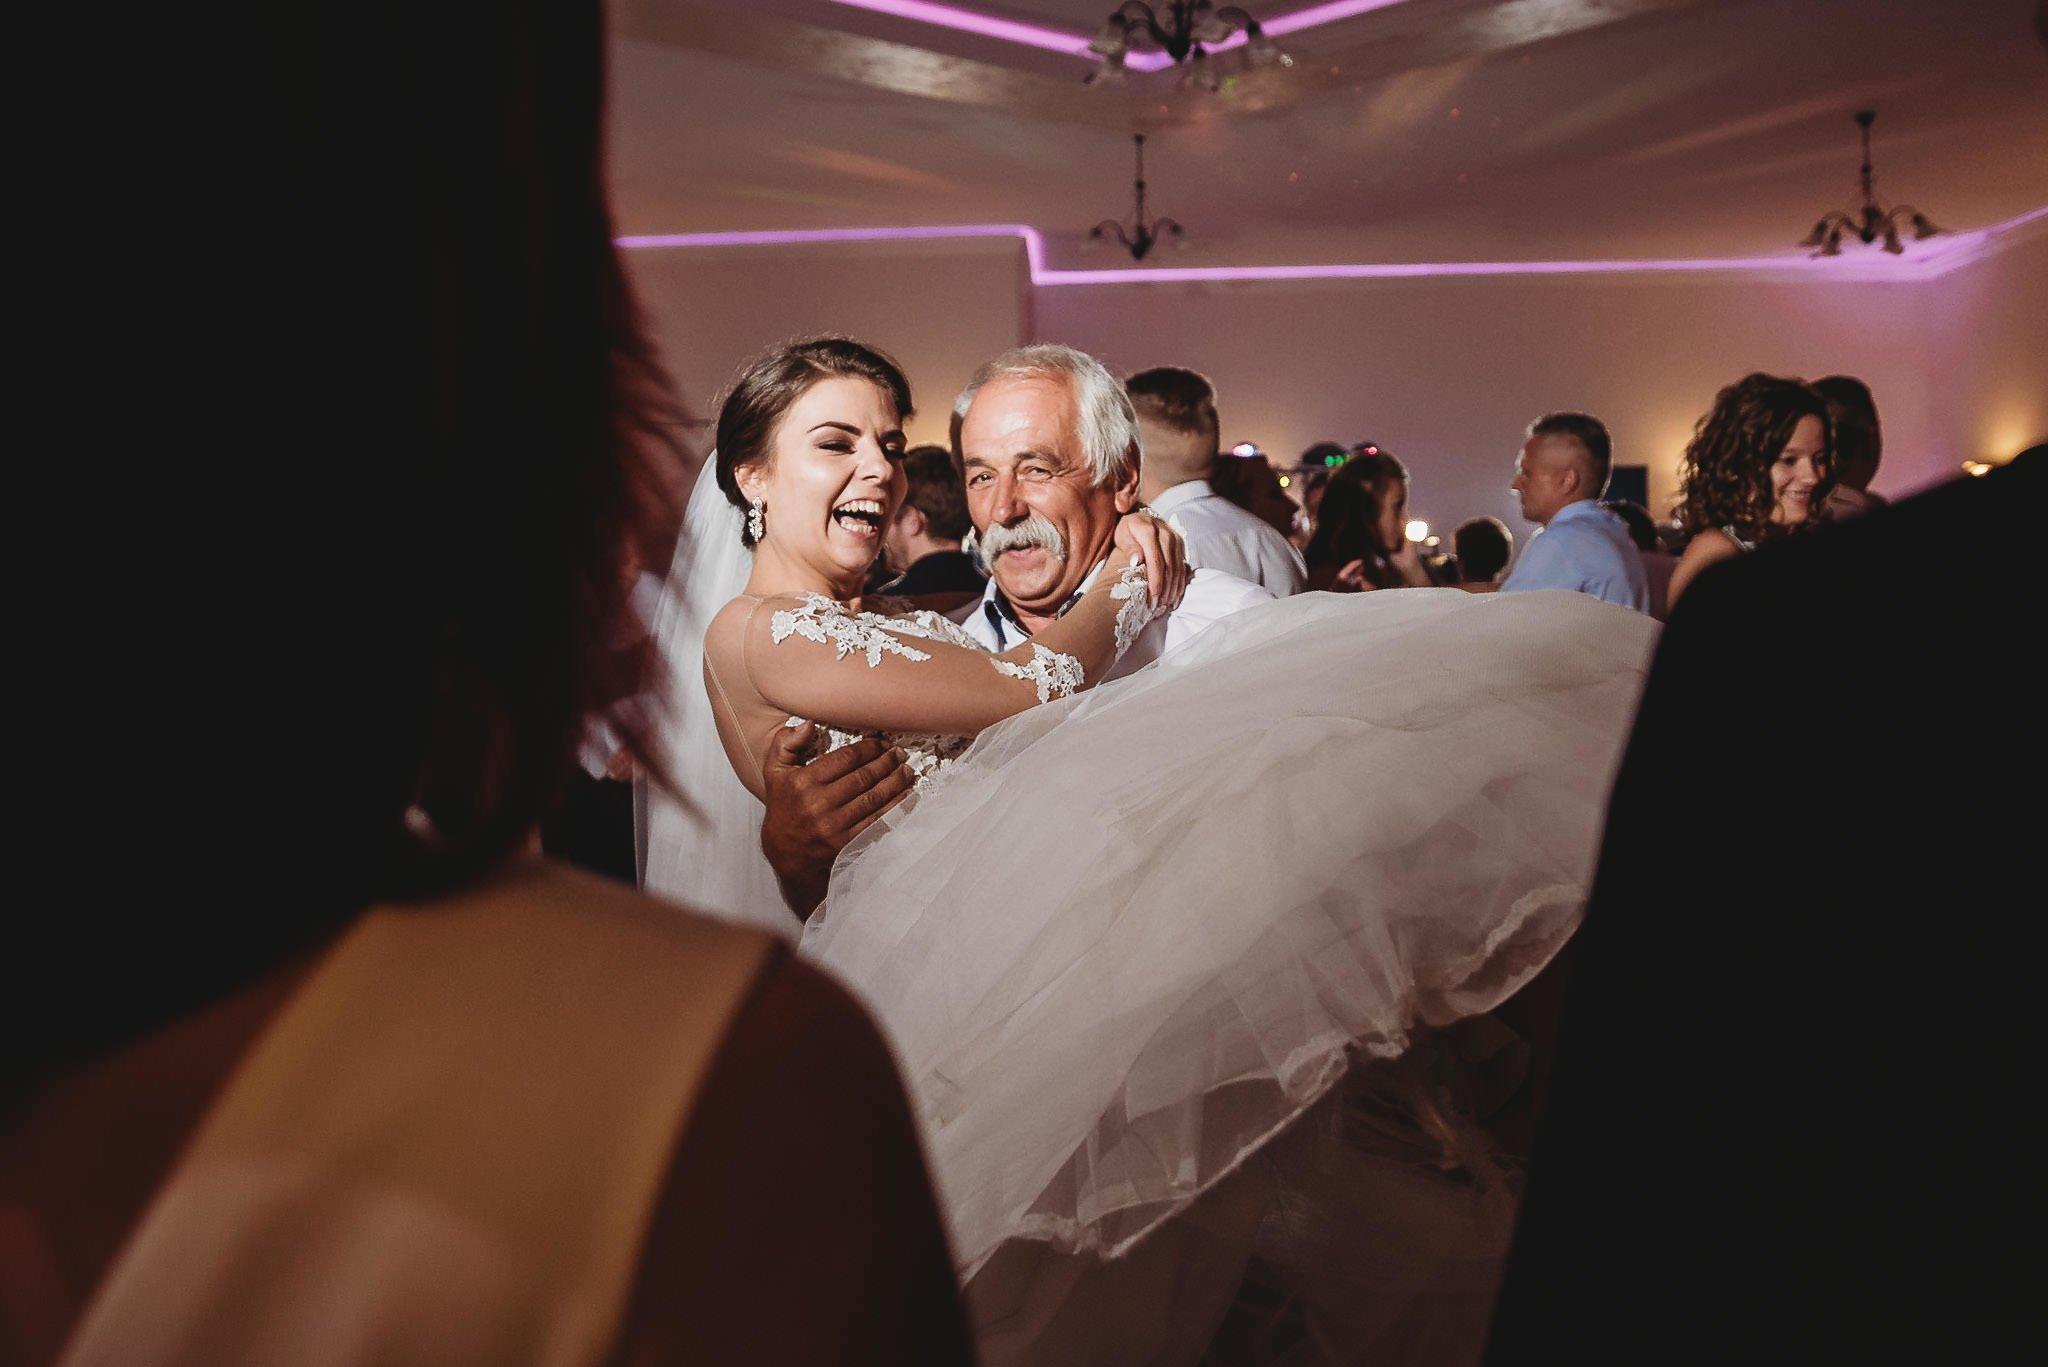 Angelika i Michał, piękne zdjęcia ślubne i sesja plenerowa w Gołuchowie 204